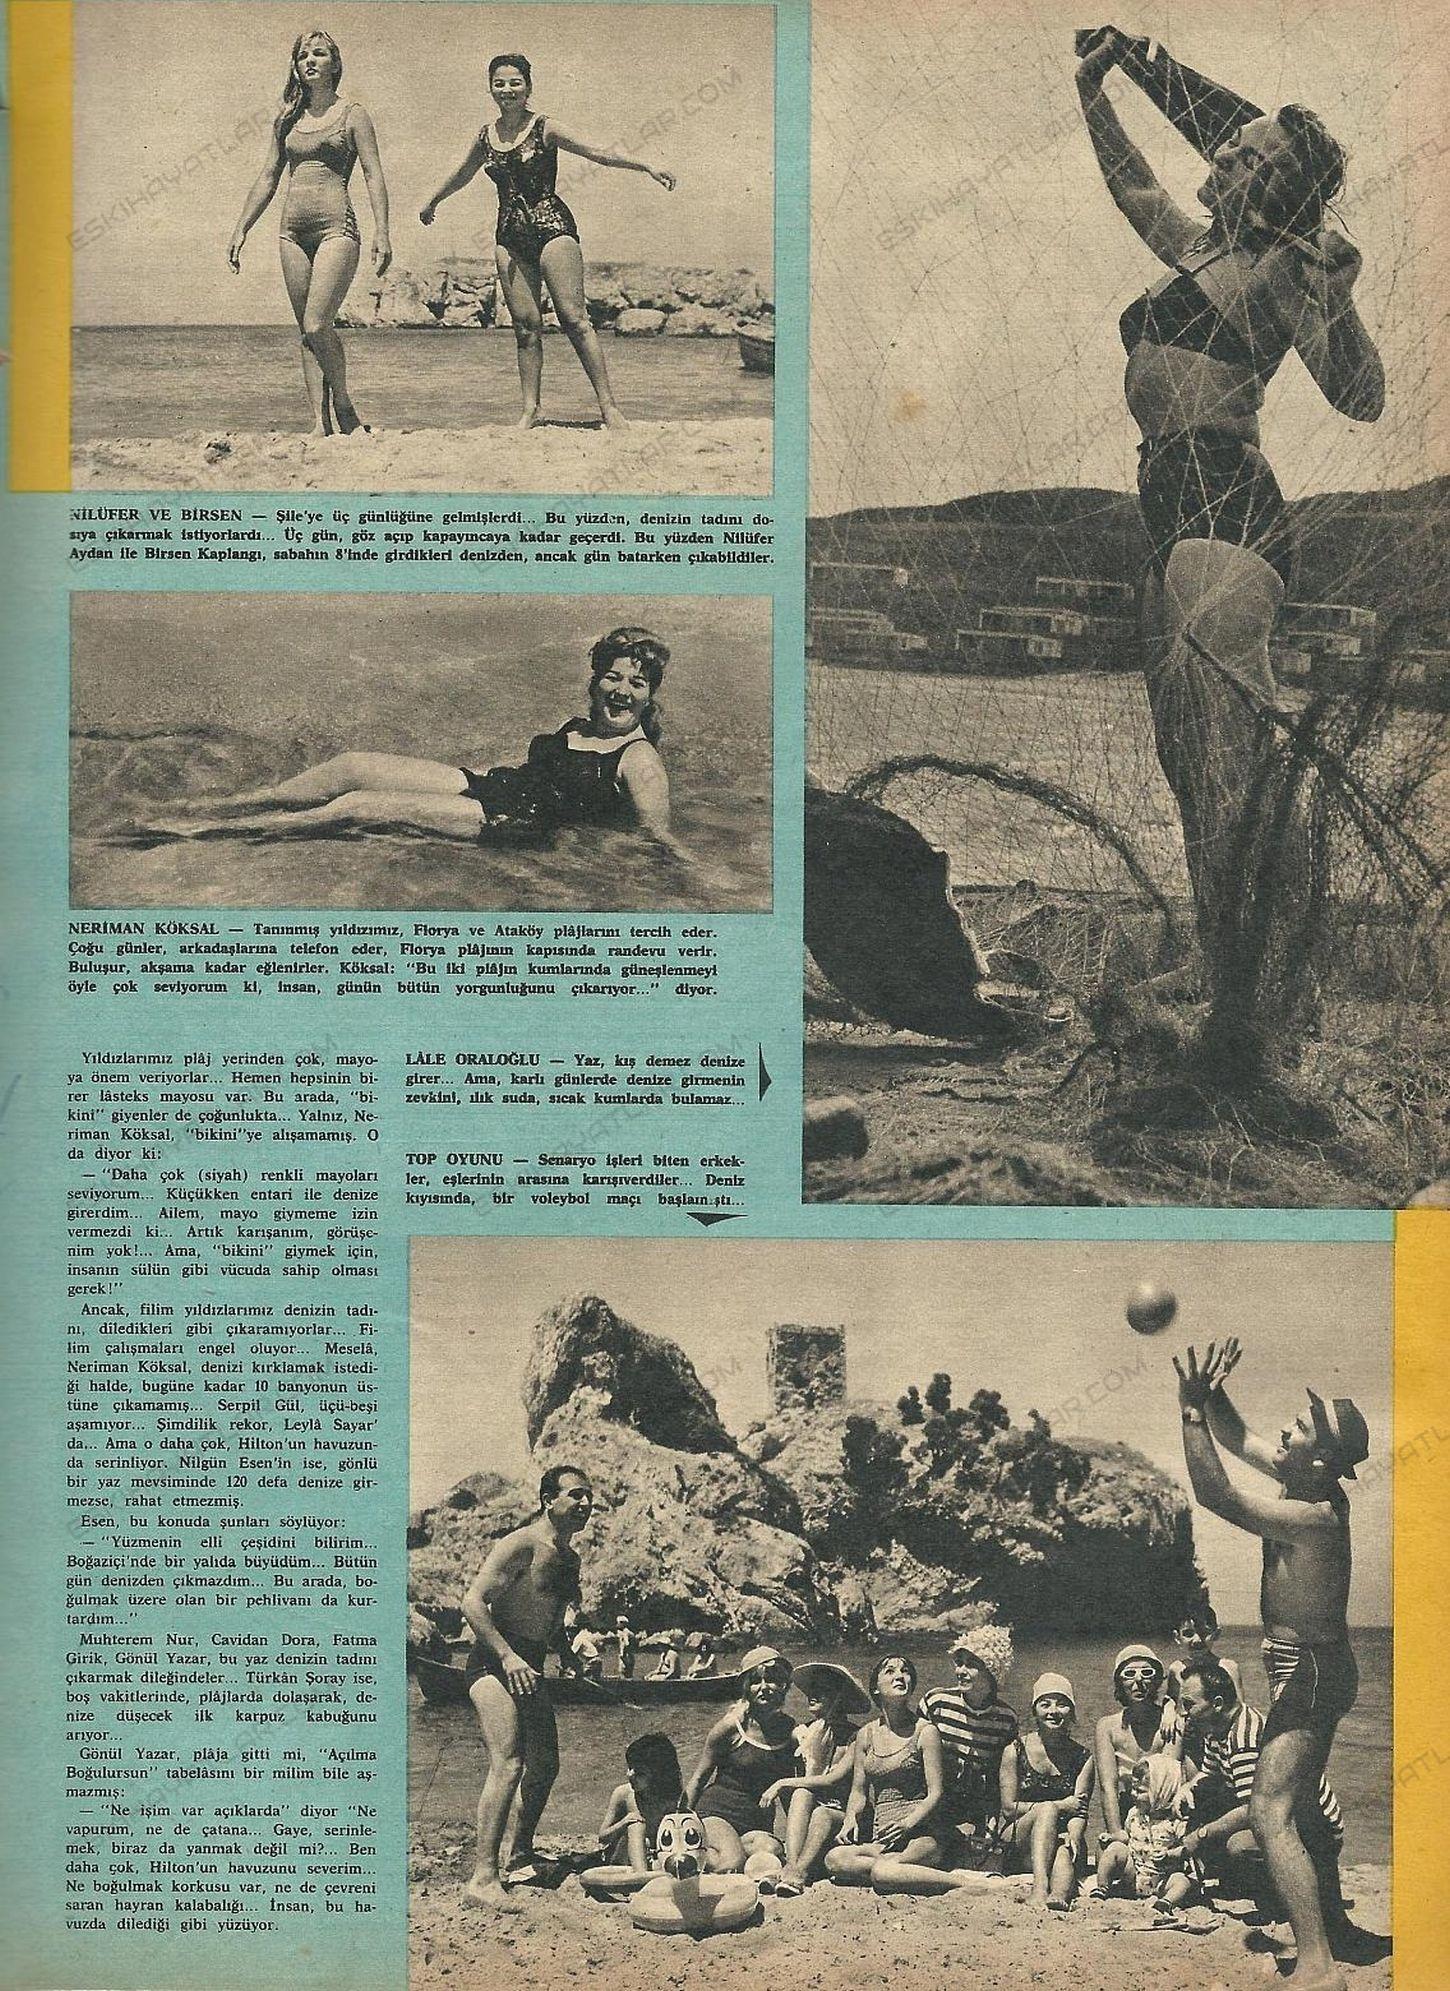 nilufer-aydan-kimdir-birsen-kaplangi-kimdir-leyla-sayar-fotograflari-nilgun-esen-gencligi-1962-yilinda-istanbul-neriman-koksal-gencligi (7)